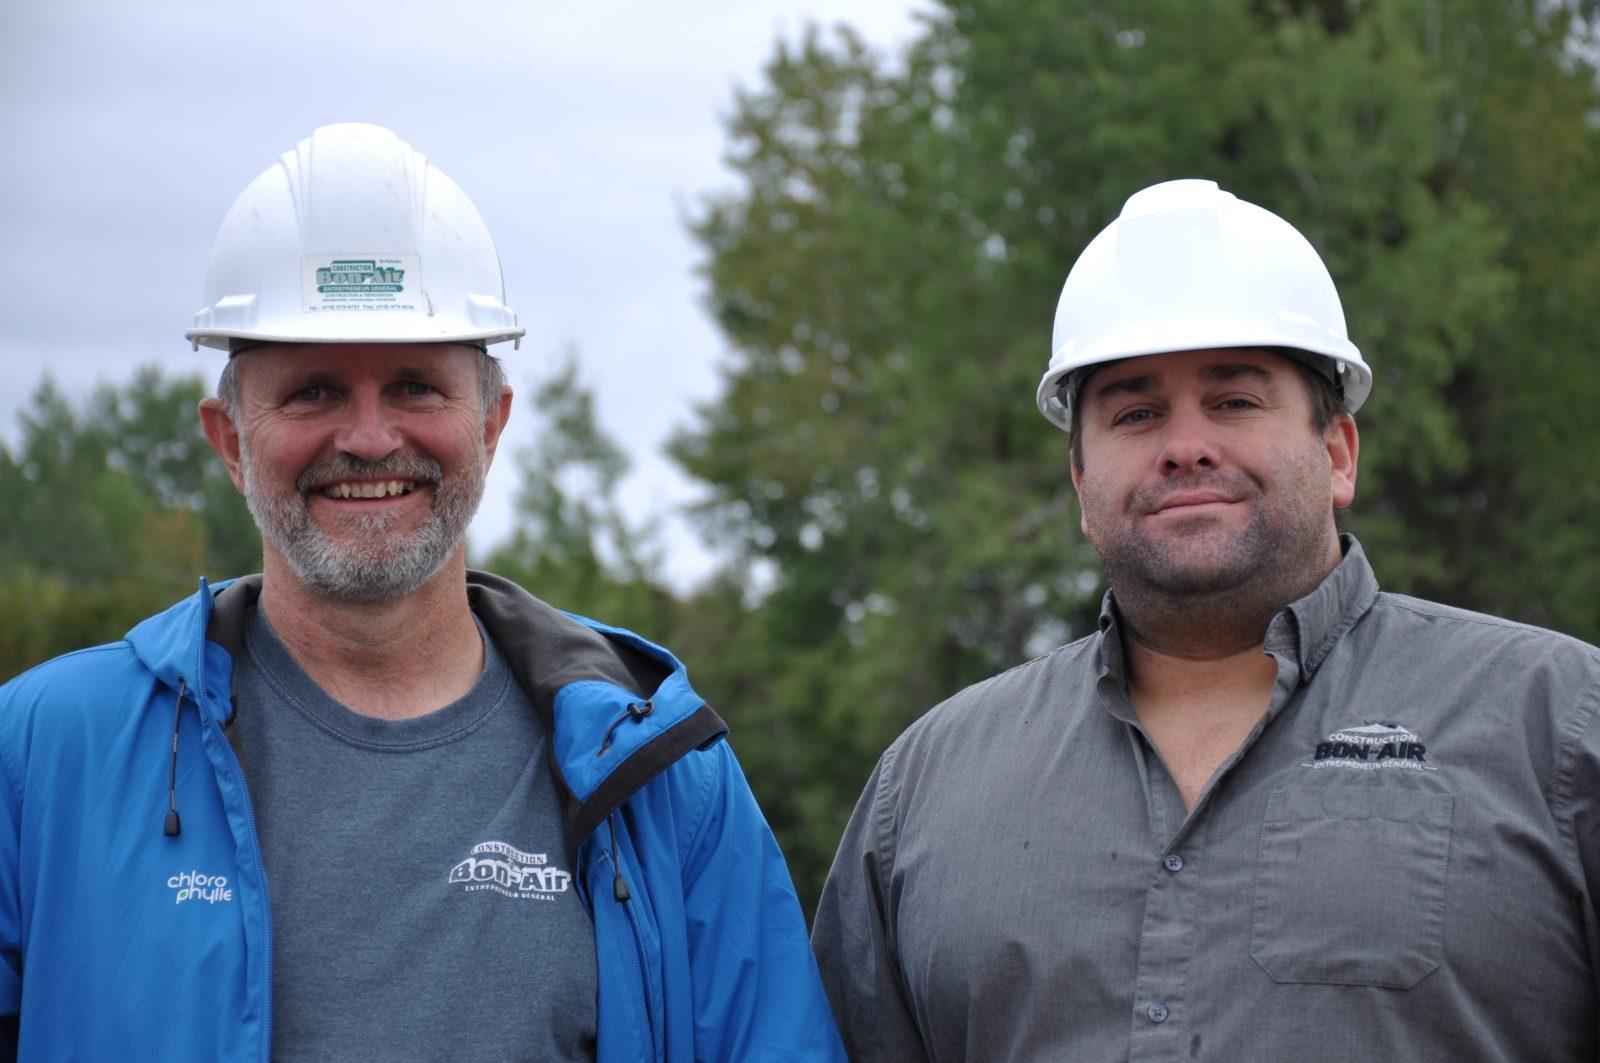 Investissements de 2 M$: Construction Bon-Air mise sur l'avenir